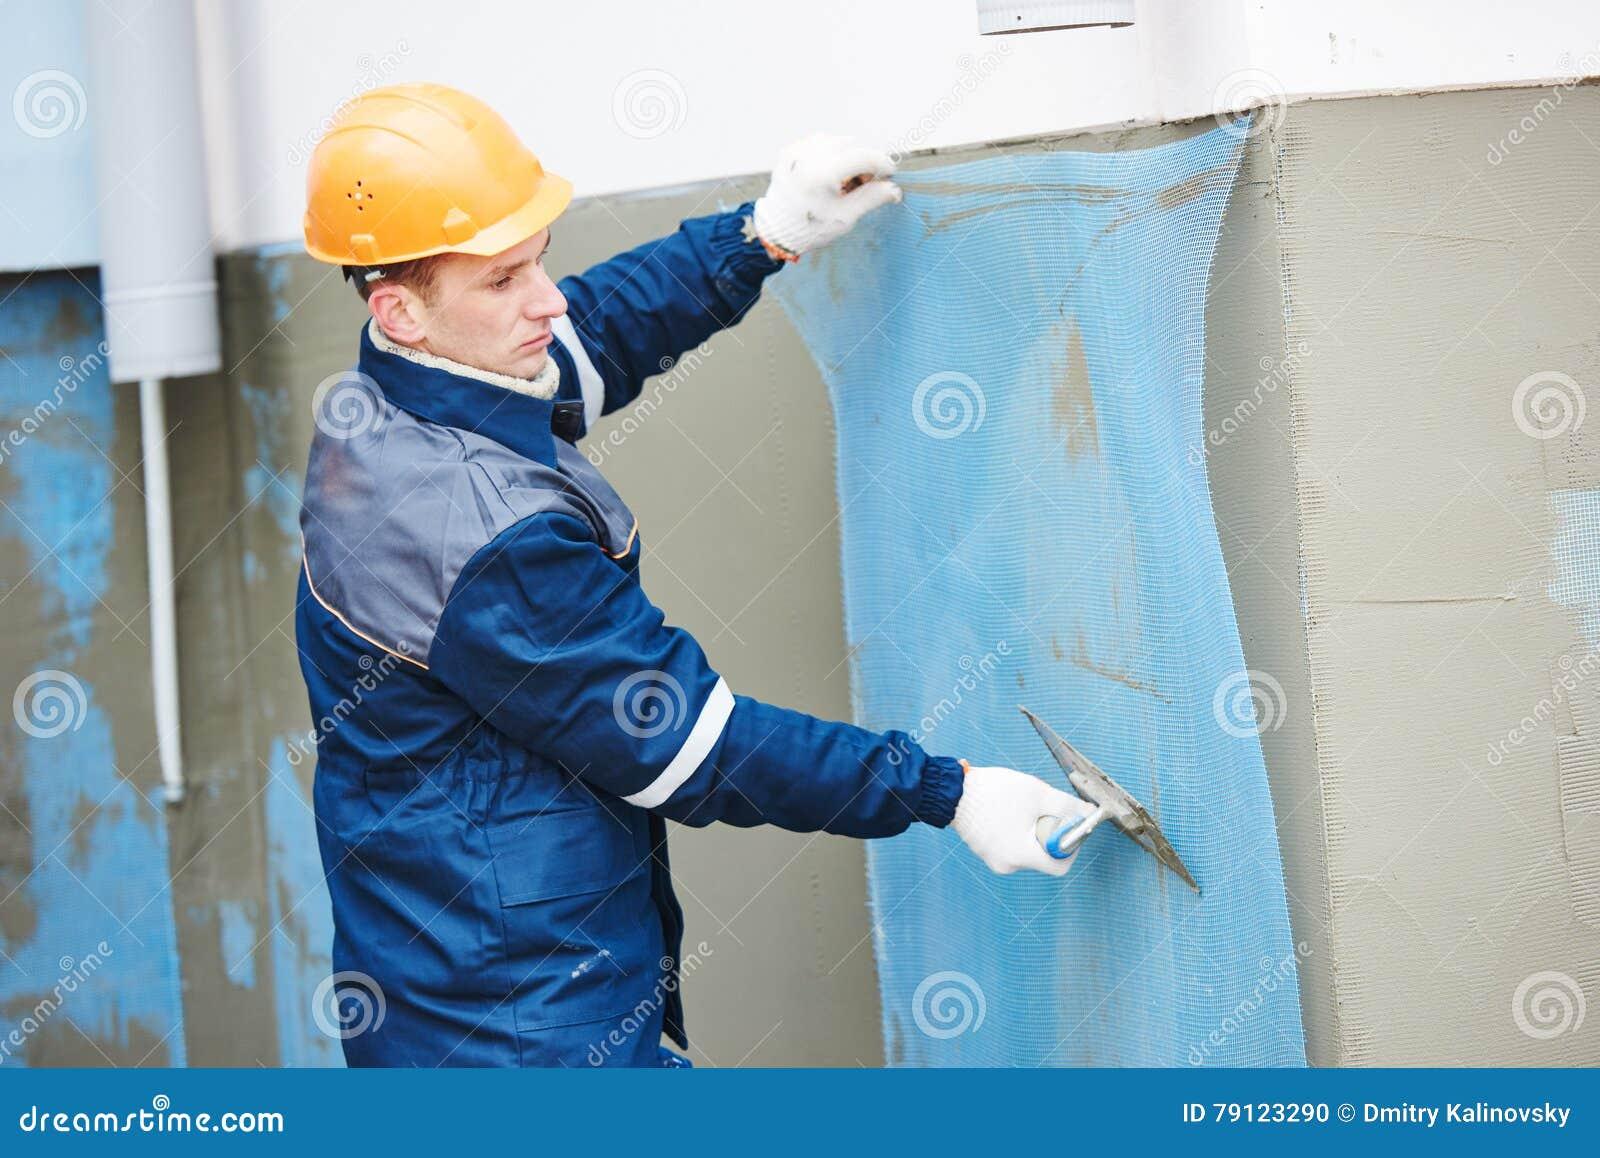 Fiberglass Reinforcing Plastering Mesh Used For Plaster Work Stock ...